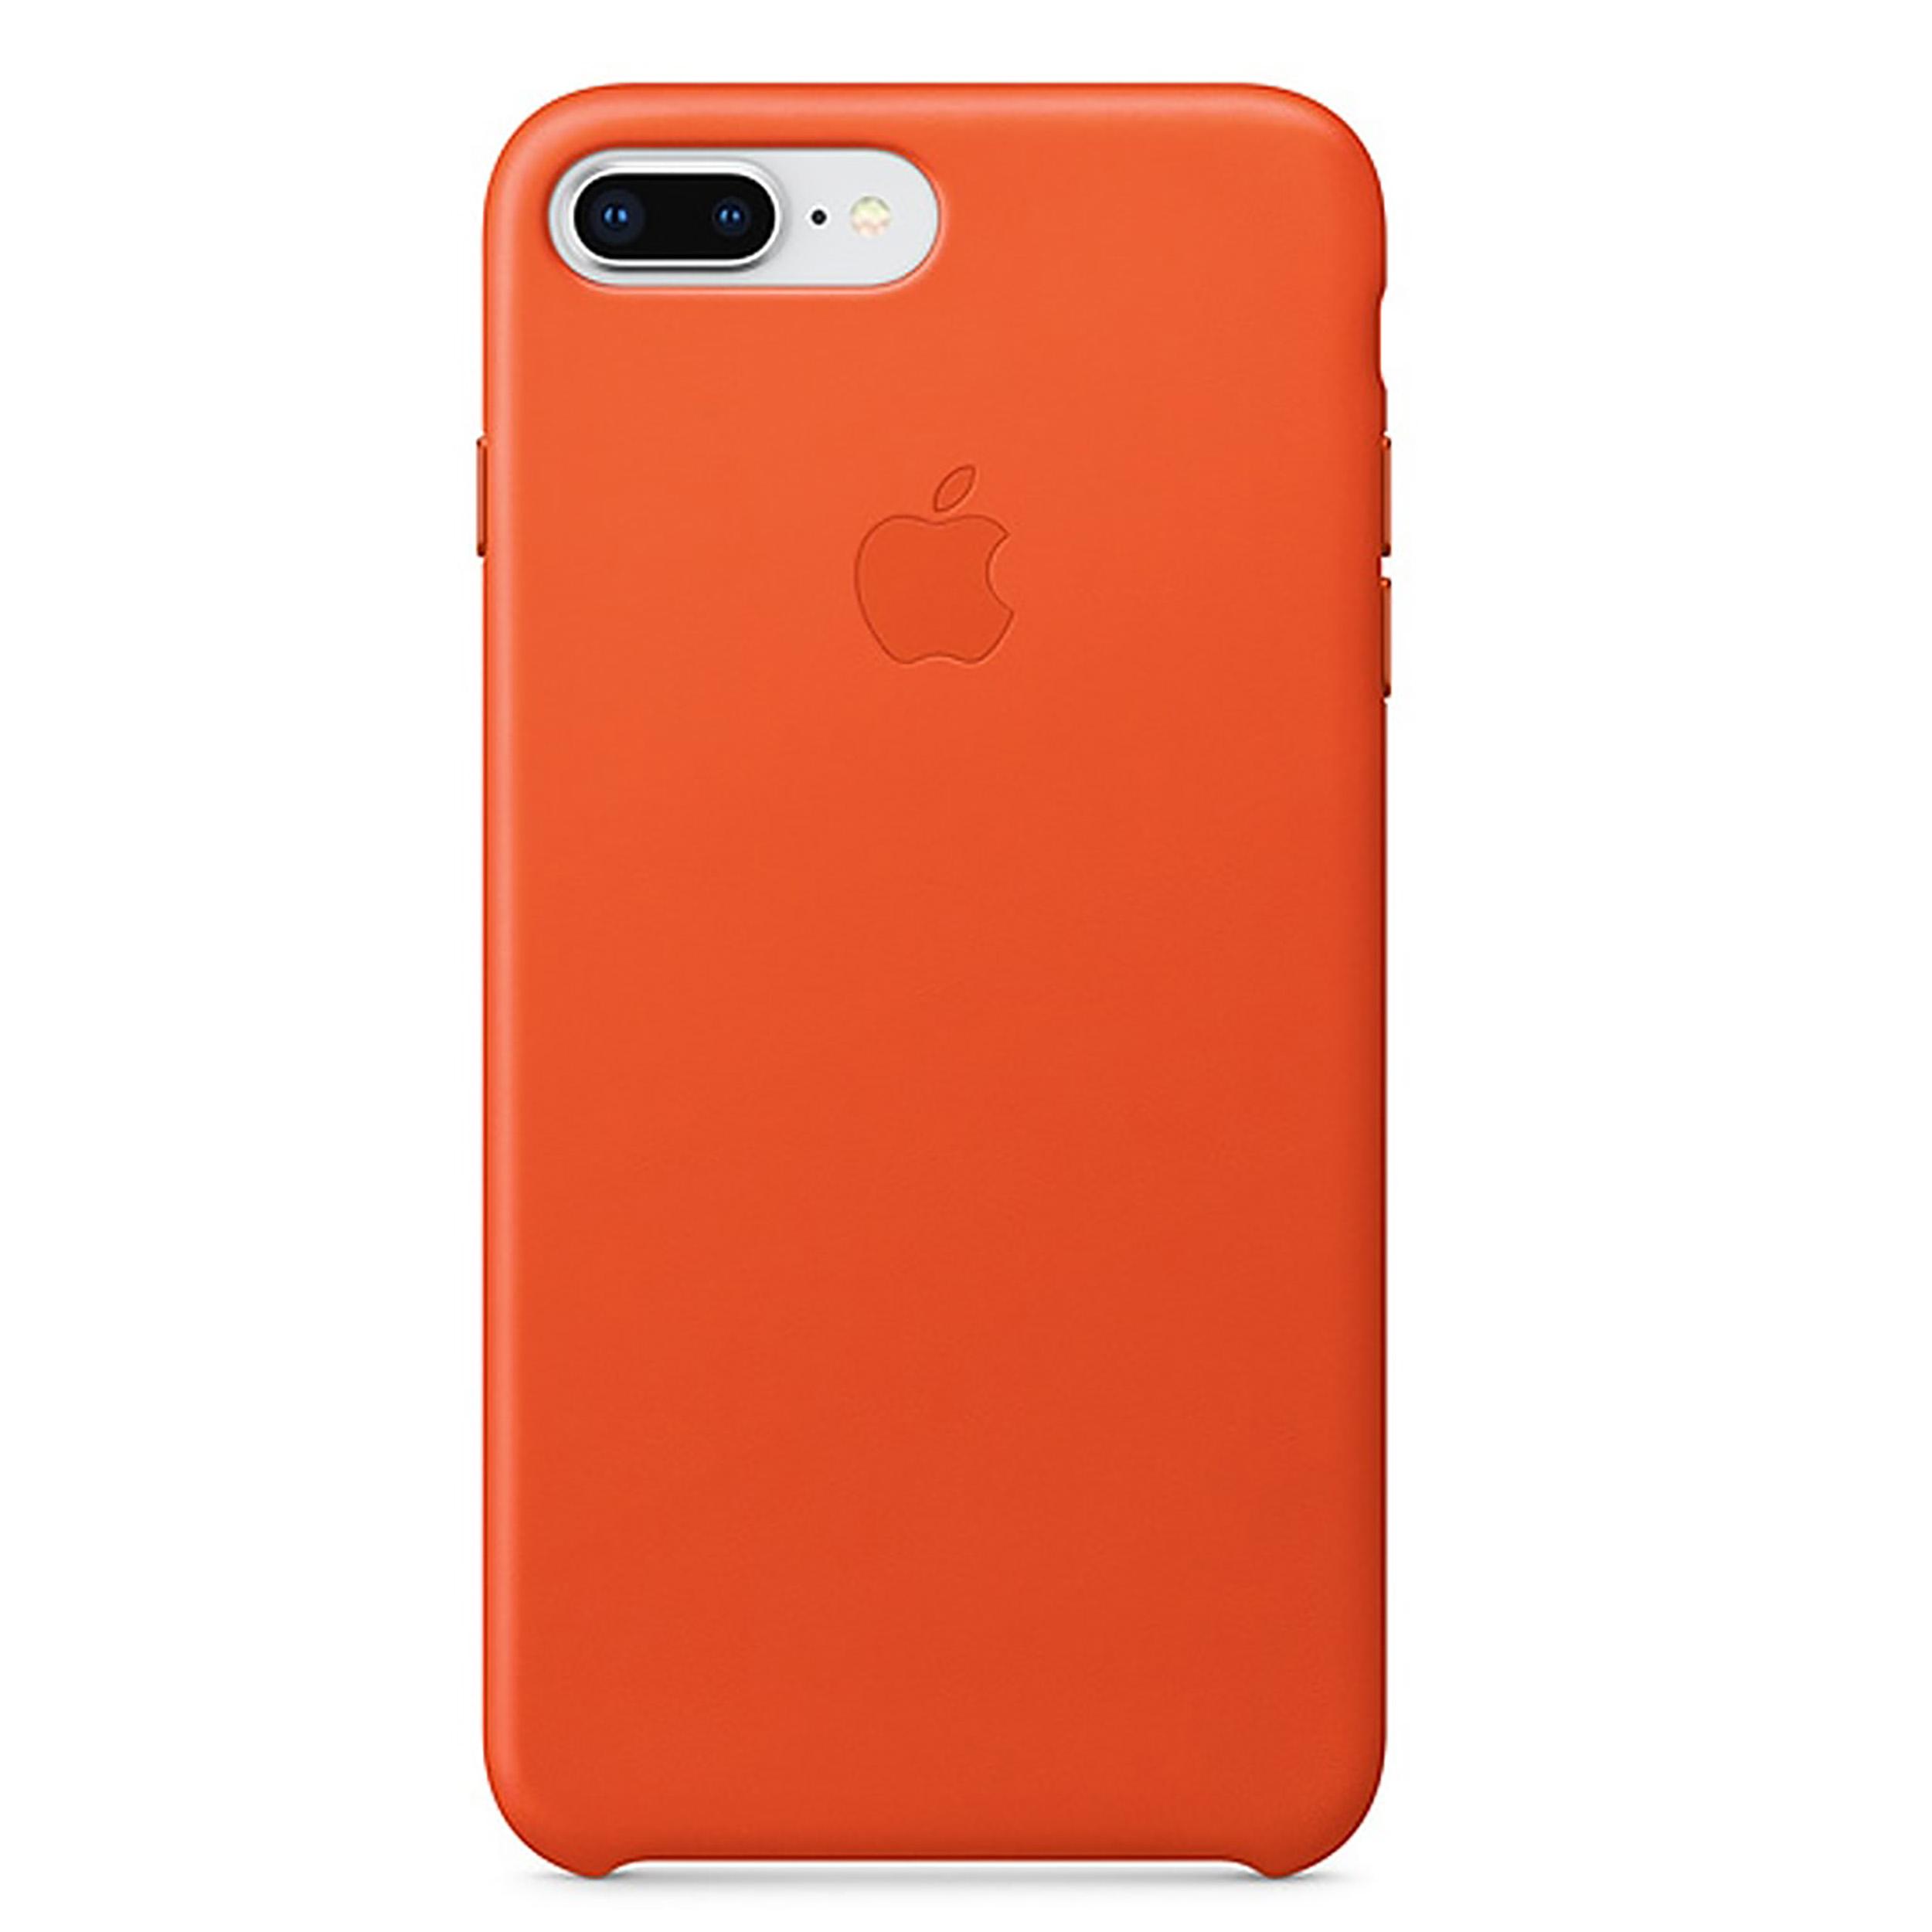 کاور مدل 029 مناسب برای گوشی موبایل اپل iphone 7plus/8plus